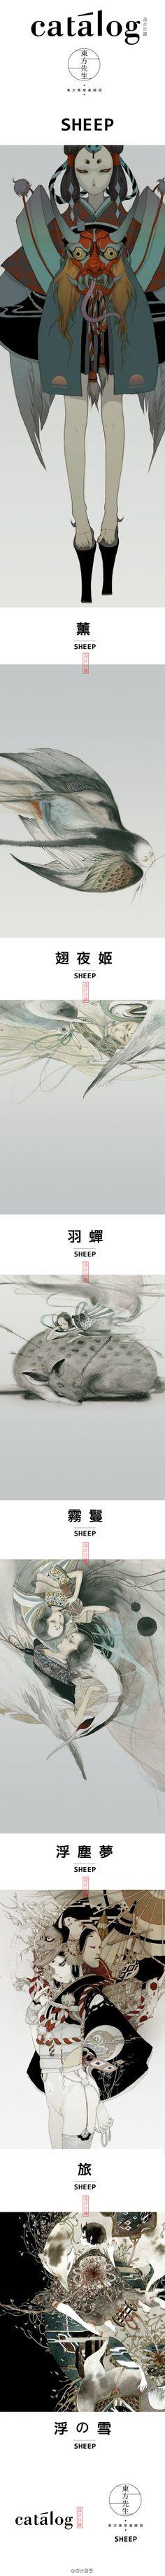 E4 Estética oriental artista de gravação Oriental aesthetics recording artist 東方美學畫師錄 ● SHEEP